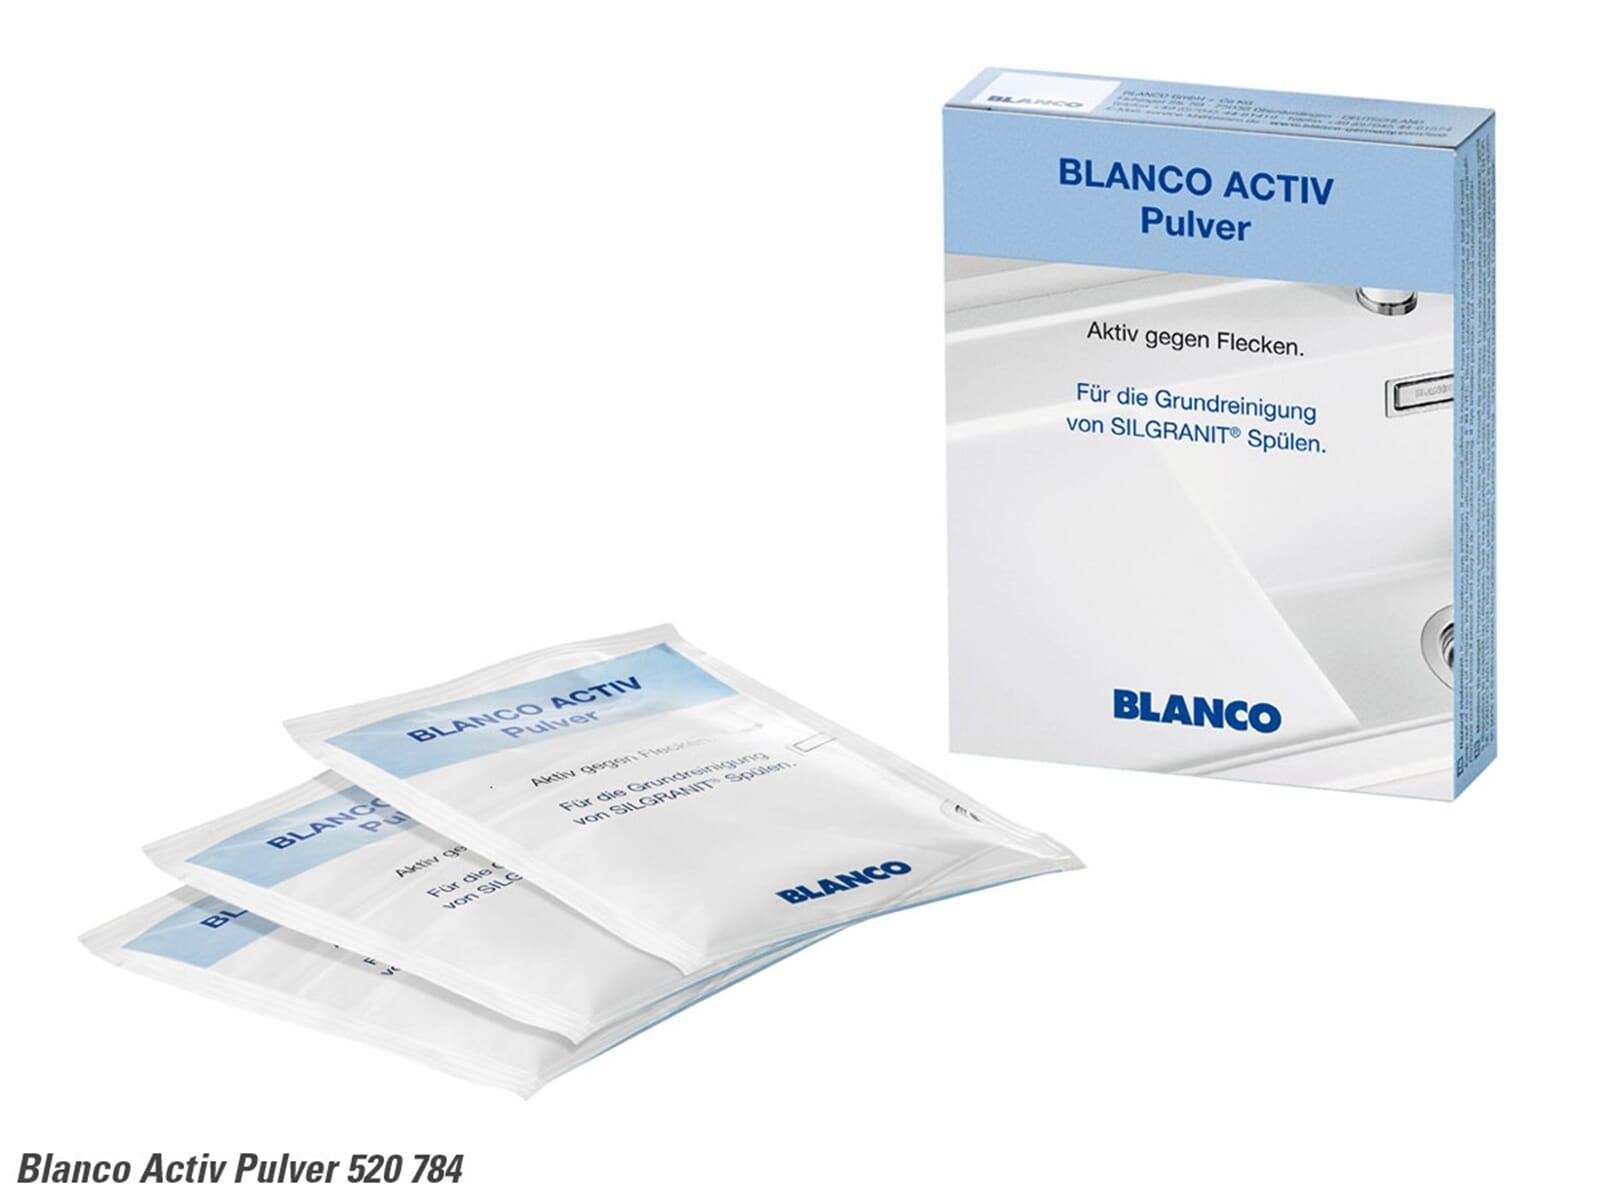 Blanco 520 784 Activ Pulver